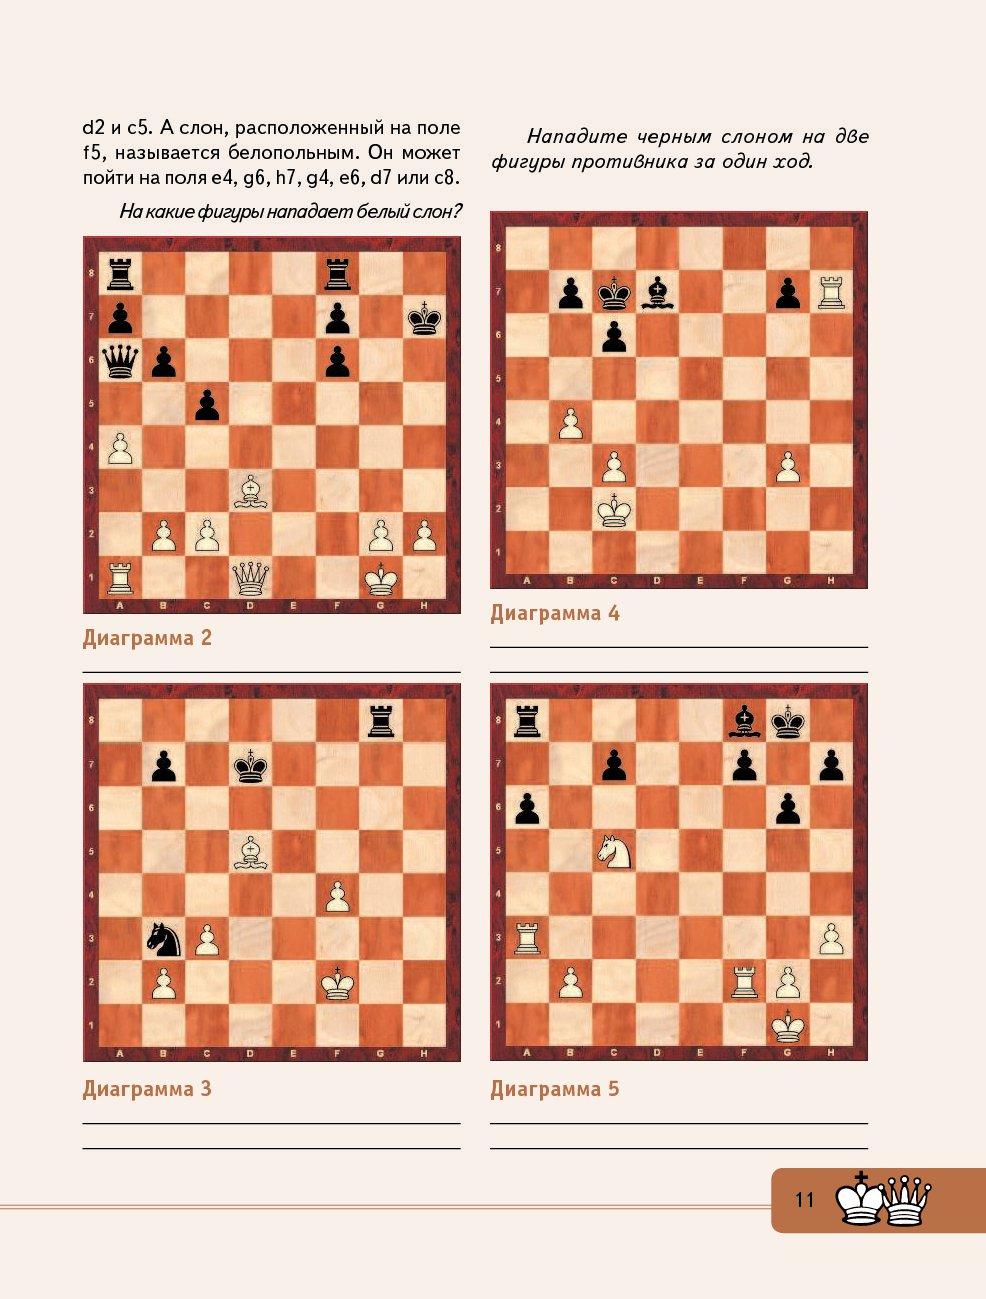 Шахматные фигуры | энциклопедия шахмат | fandom